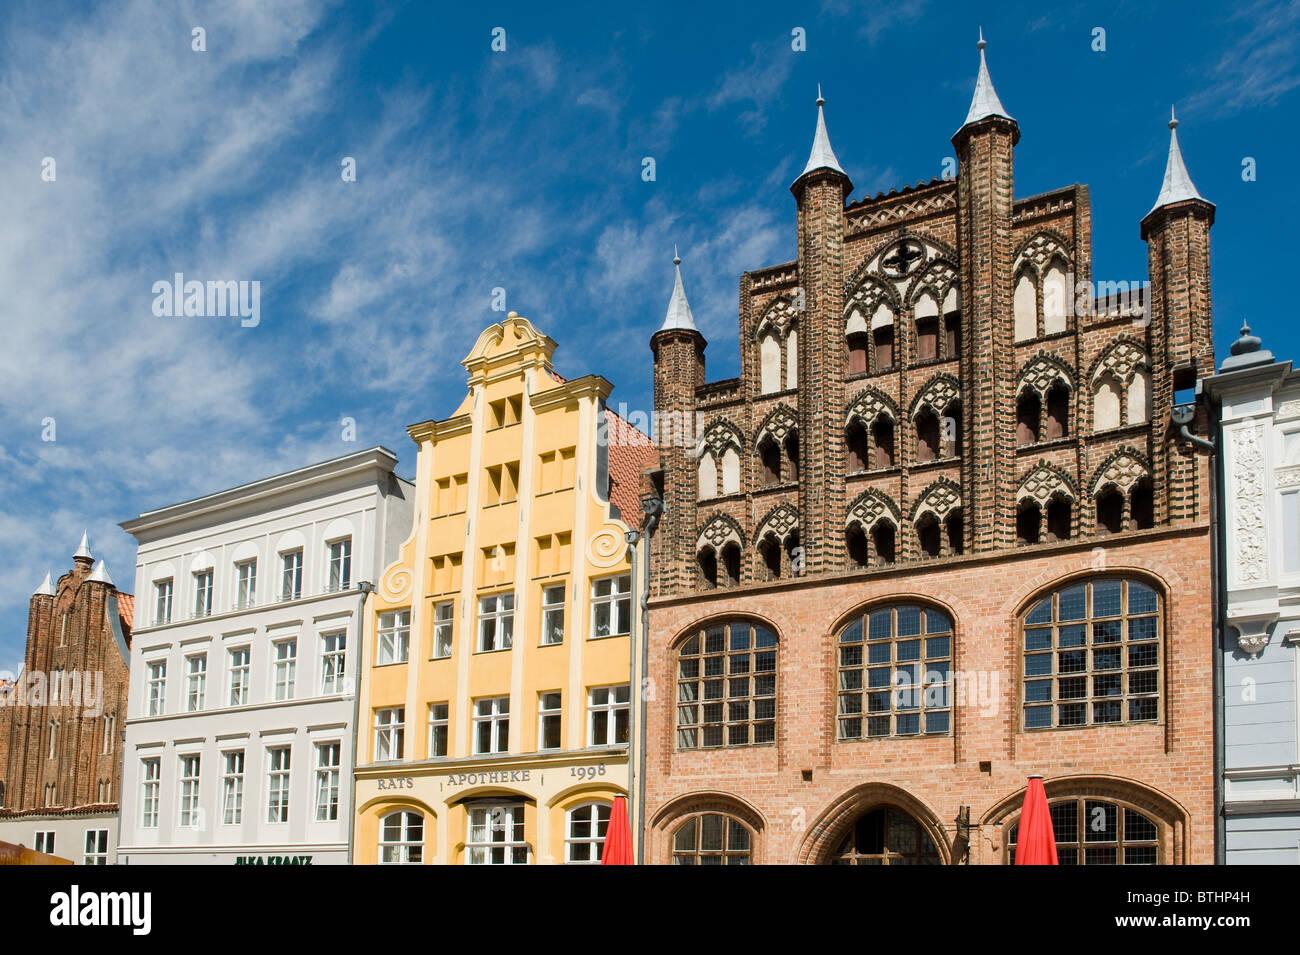 Hanseatischen h user am alten markt in stralsund deutschland stockfoto bild 32352673 alamy - Architektonische hauser ...